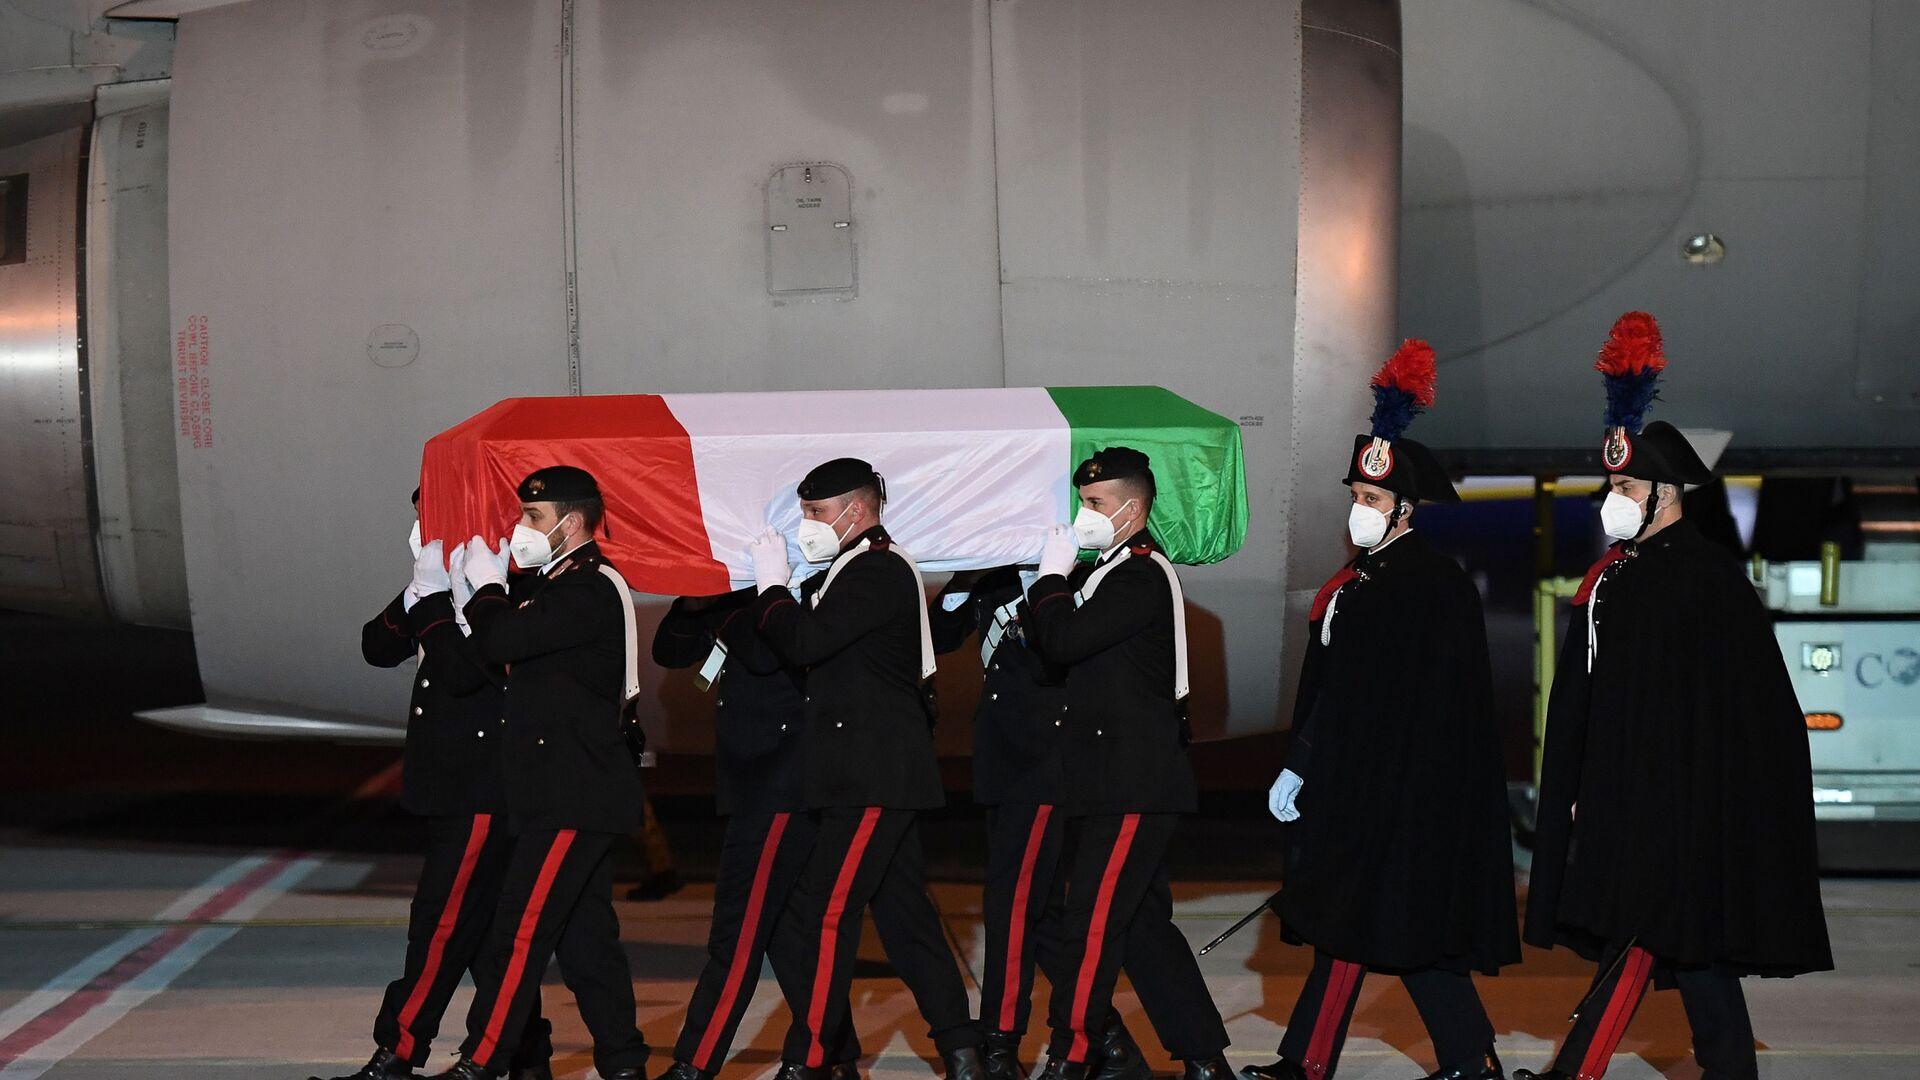 Congo, il carabiniere Iacovacci è morto mentre tentava di salvare l'ambasciatore - Sputnik Italia, 1920, 10.03.2021